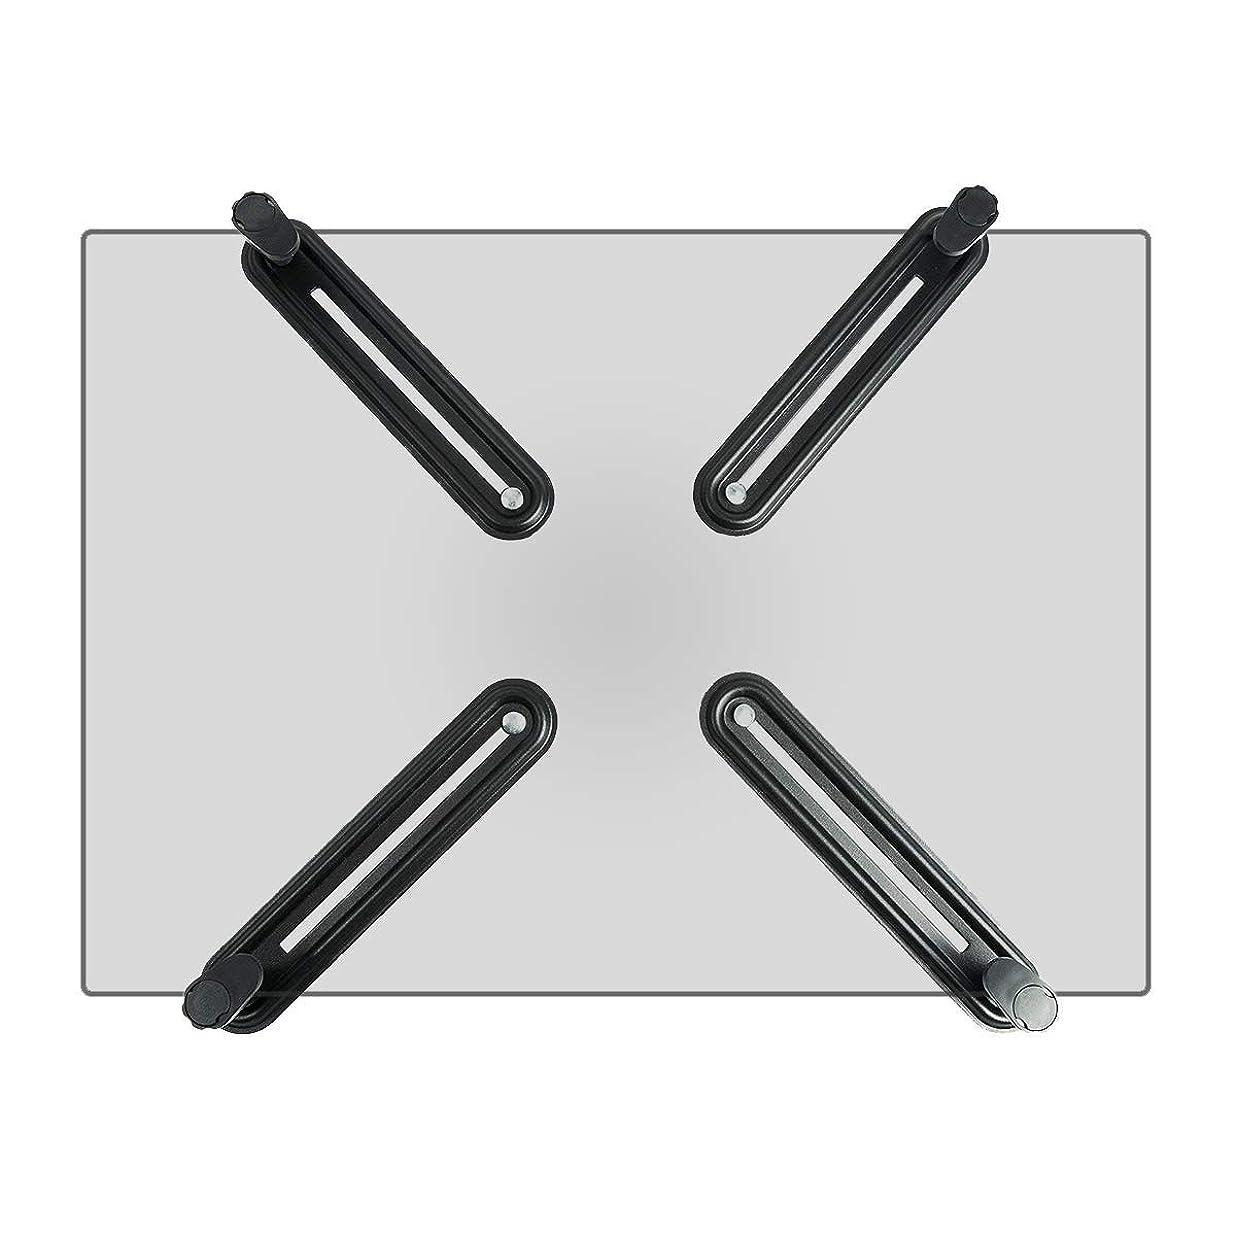 シロクマベイビー重要な役割を果たす、中心的な手段となるSuptek モニターアーム 無VESA穴調節器 アダプタ 13-27インチ対応 VESA規格75×75-100×100mm WK002